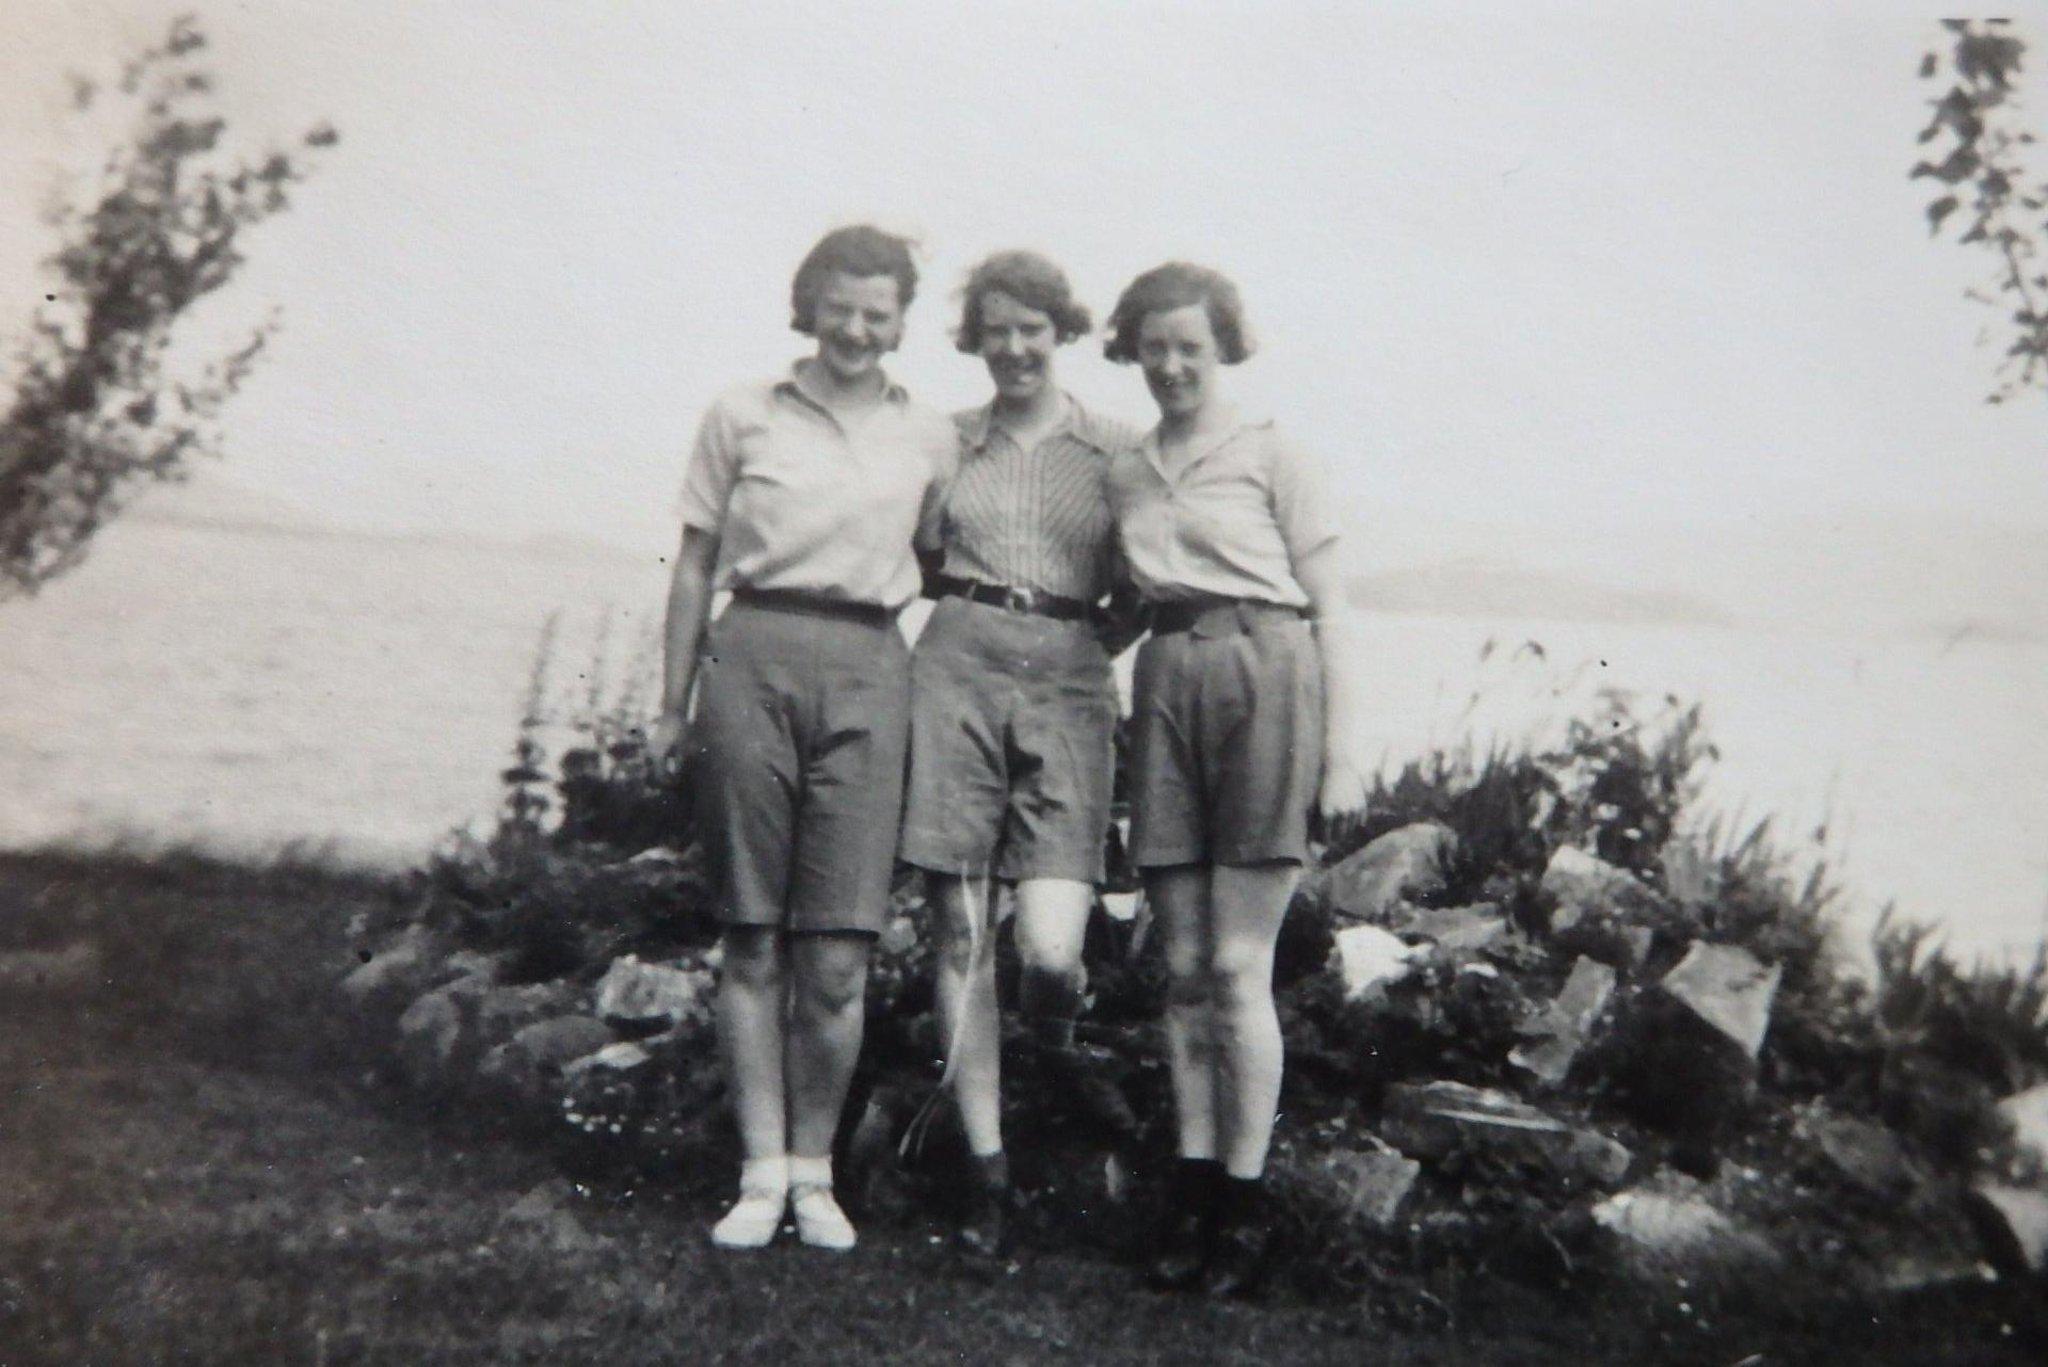 Bagaimana siklus dan liburan asrama dari 85 tahun yang lalu telah mengilhami kampanye pariwisata berkelanjutan di Skotlandia